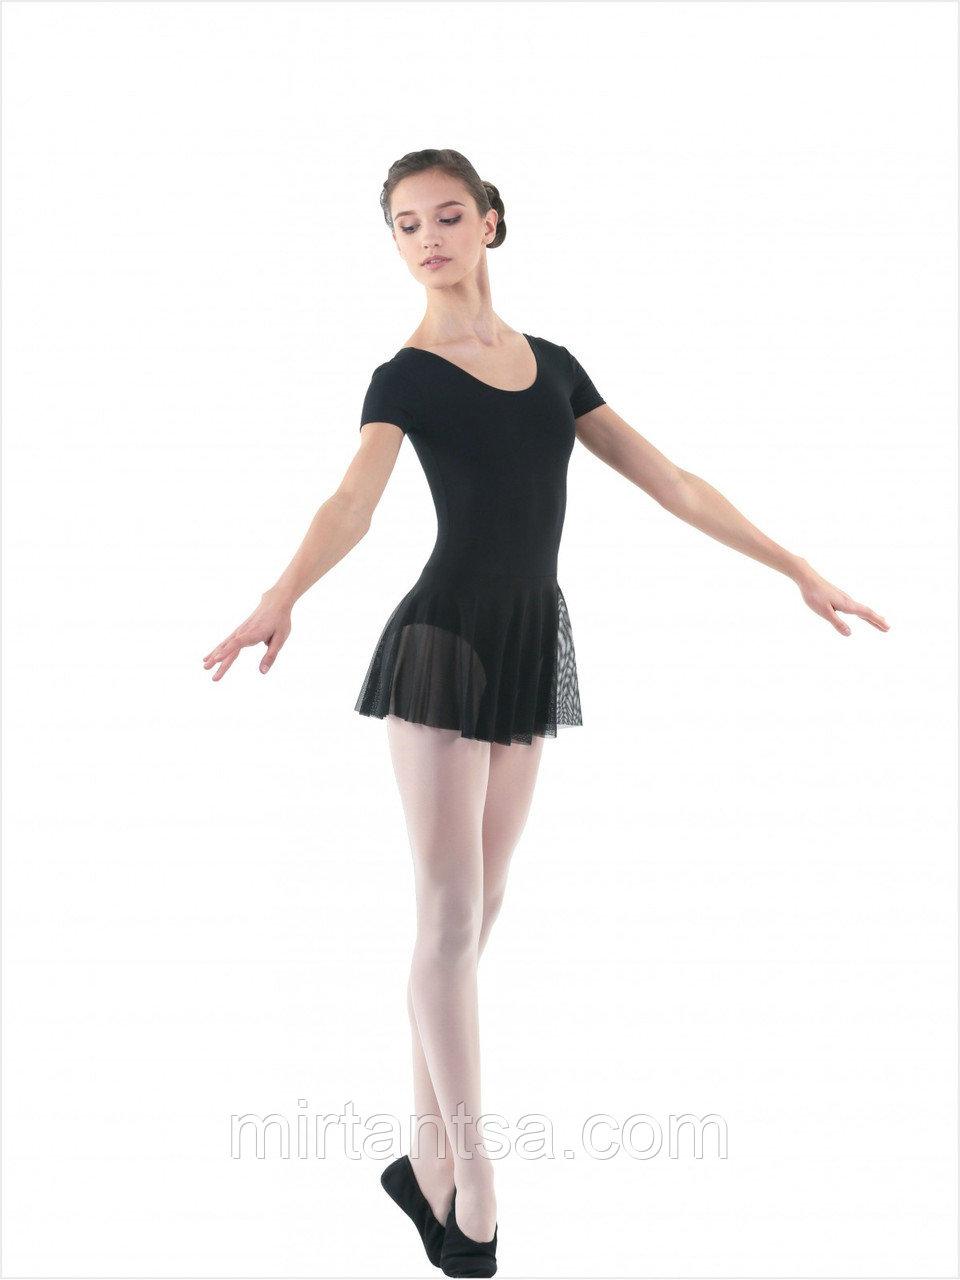 FD961 Купальник для хореографии и танцев белый /черный 30  размер